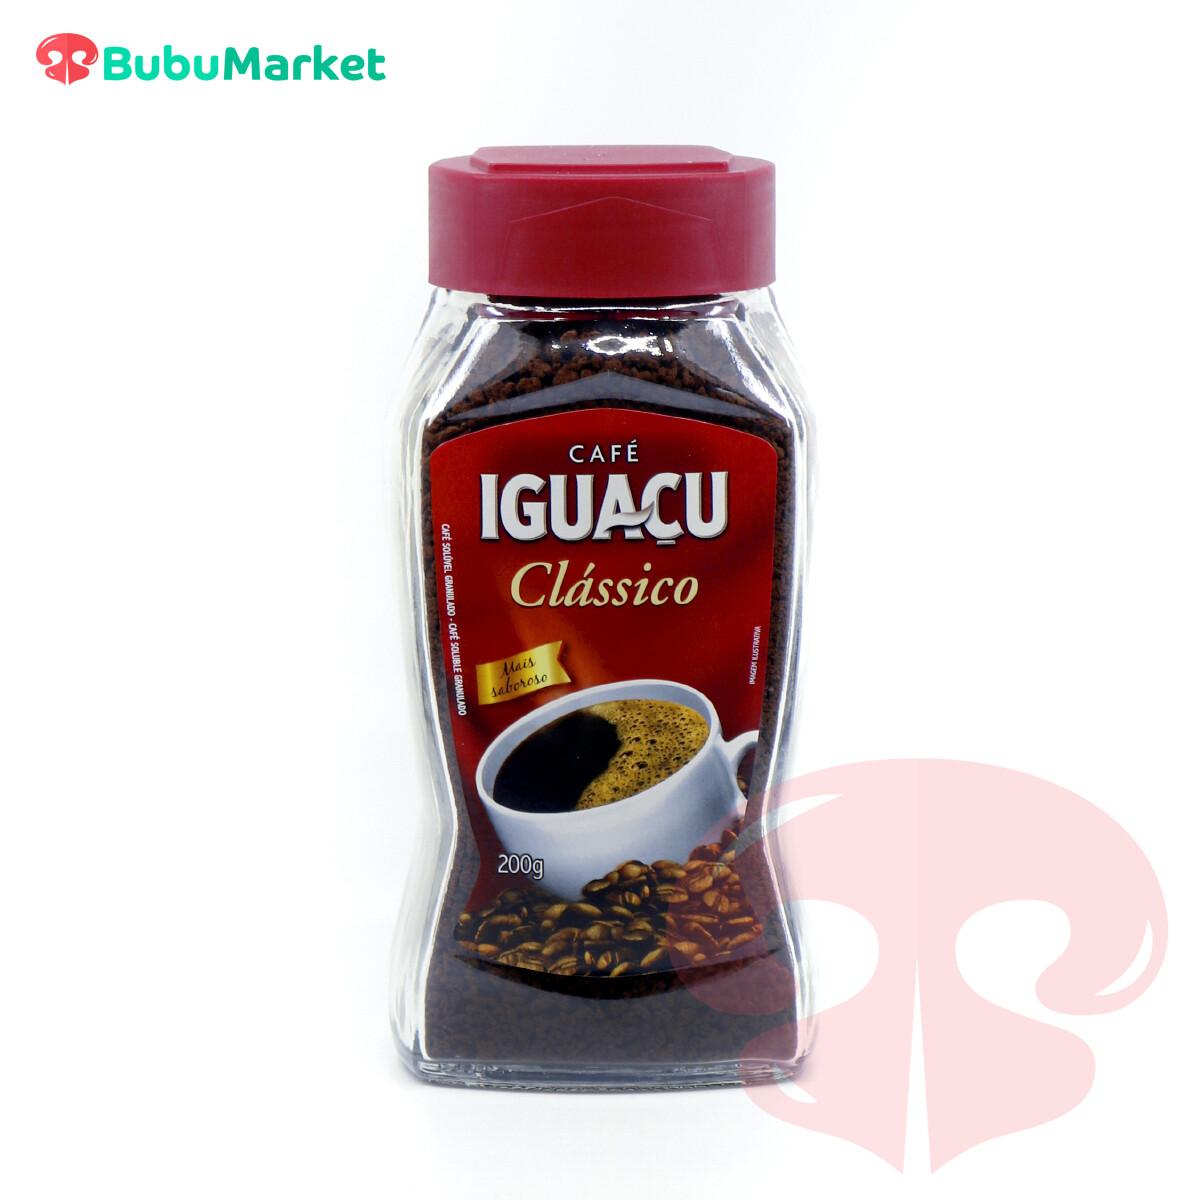 CAFE CLASSICO IGUAZU FRASCO DE 200 GR.